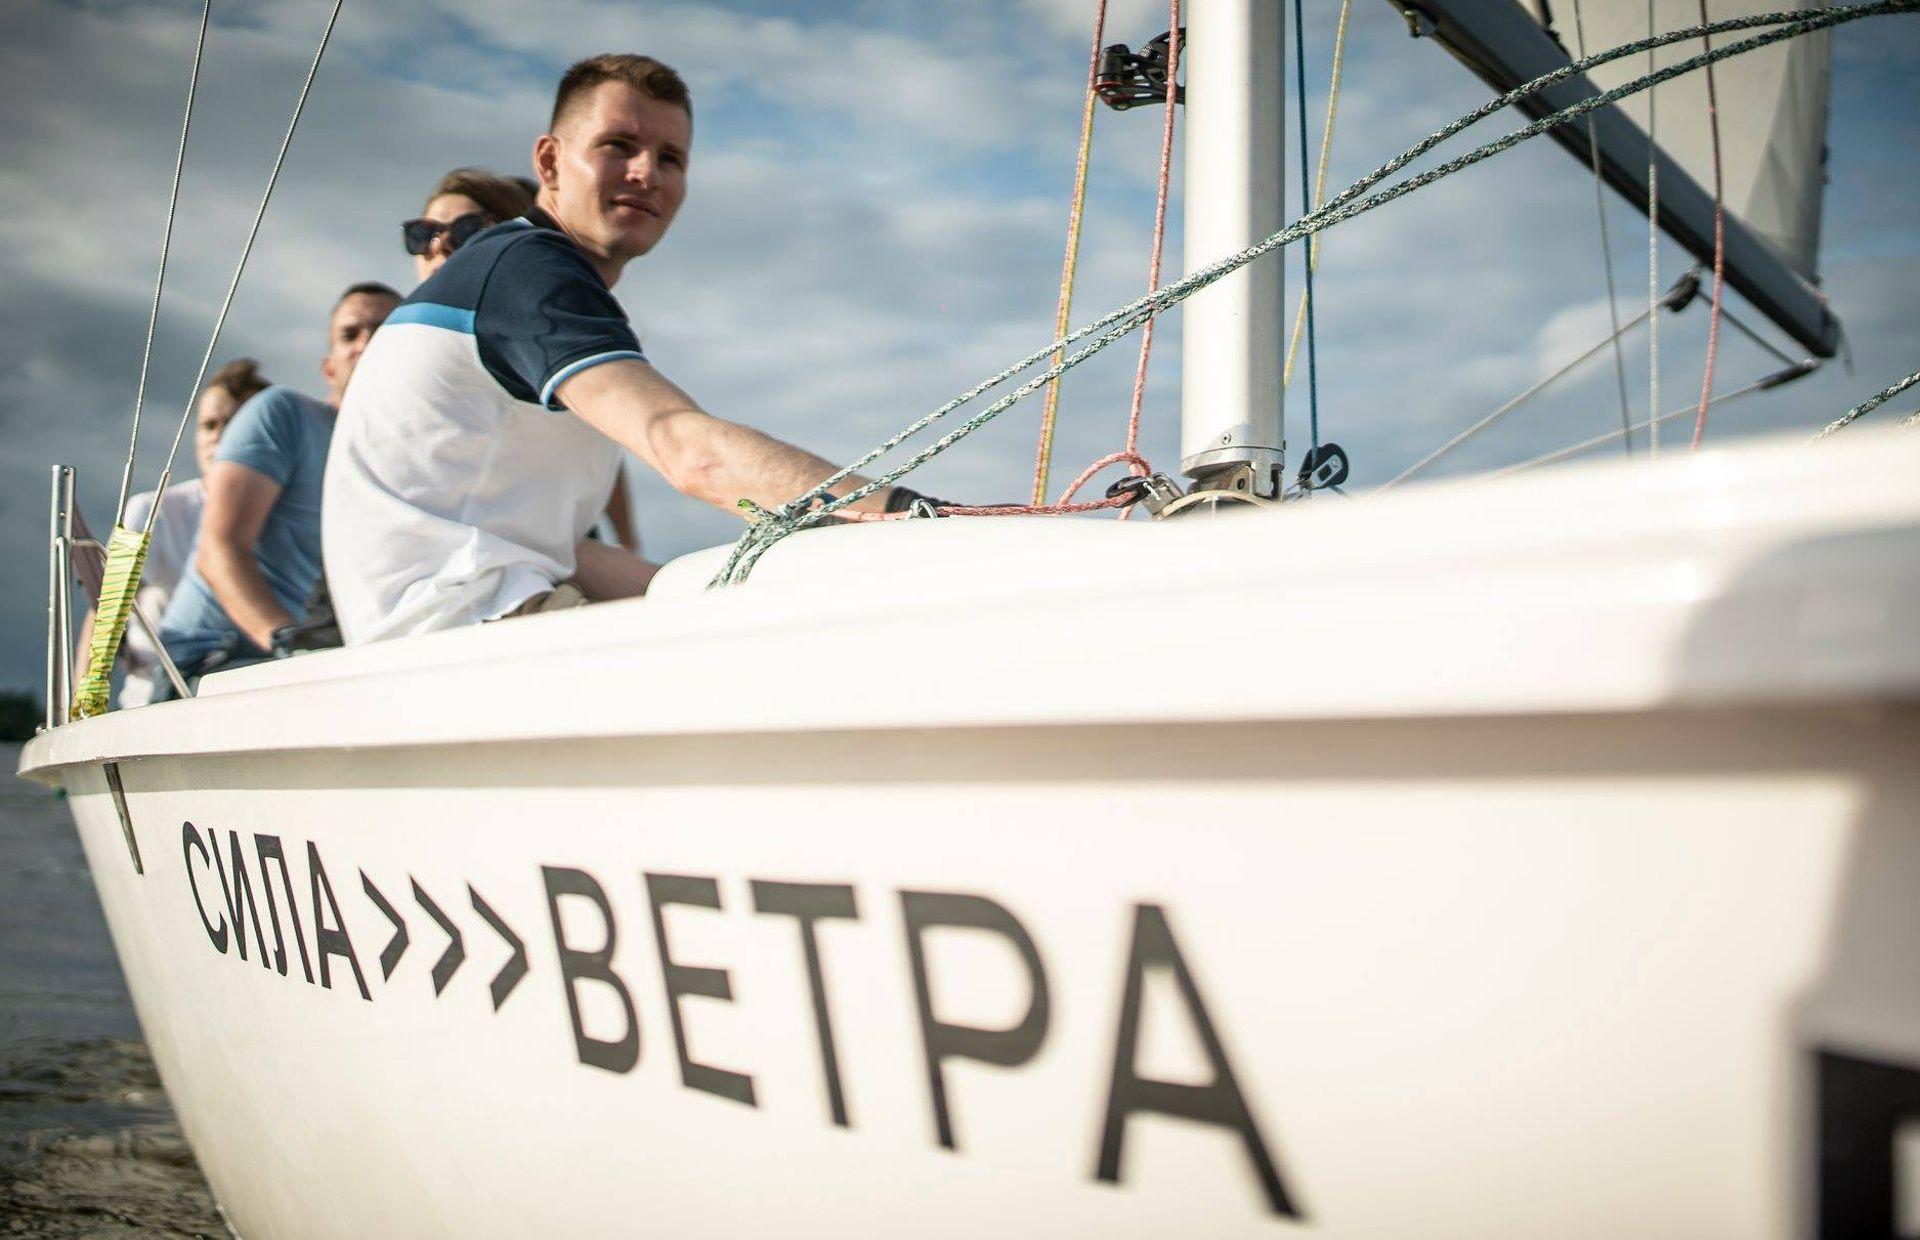 https://media.insailing.com/boat/sila-vetra/image_1589184742498.jpg